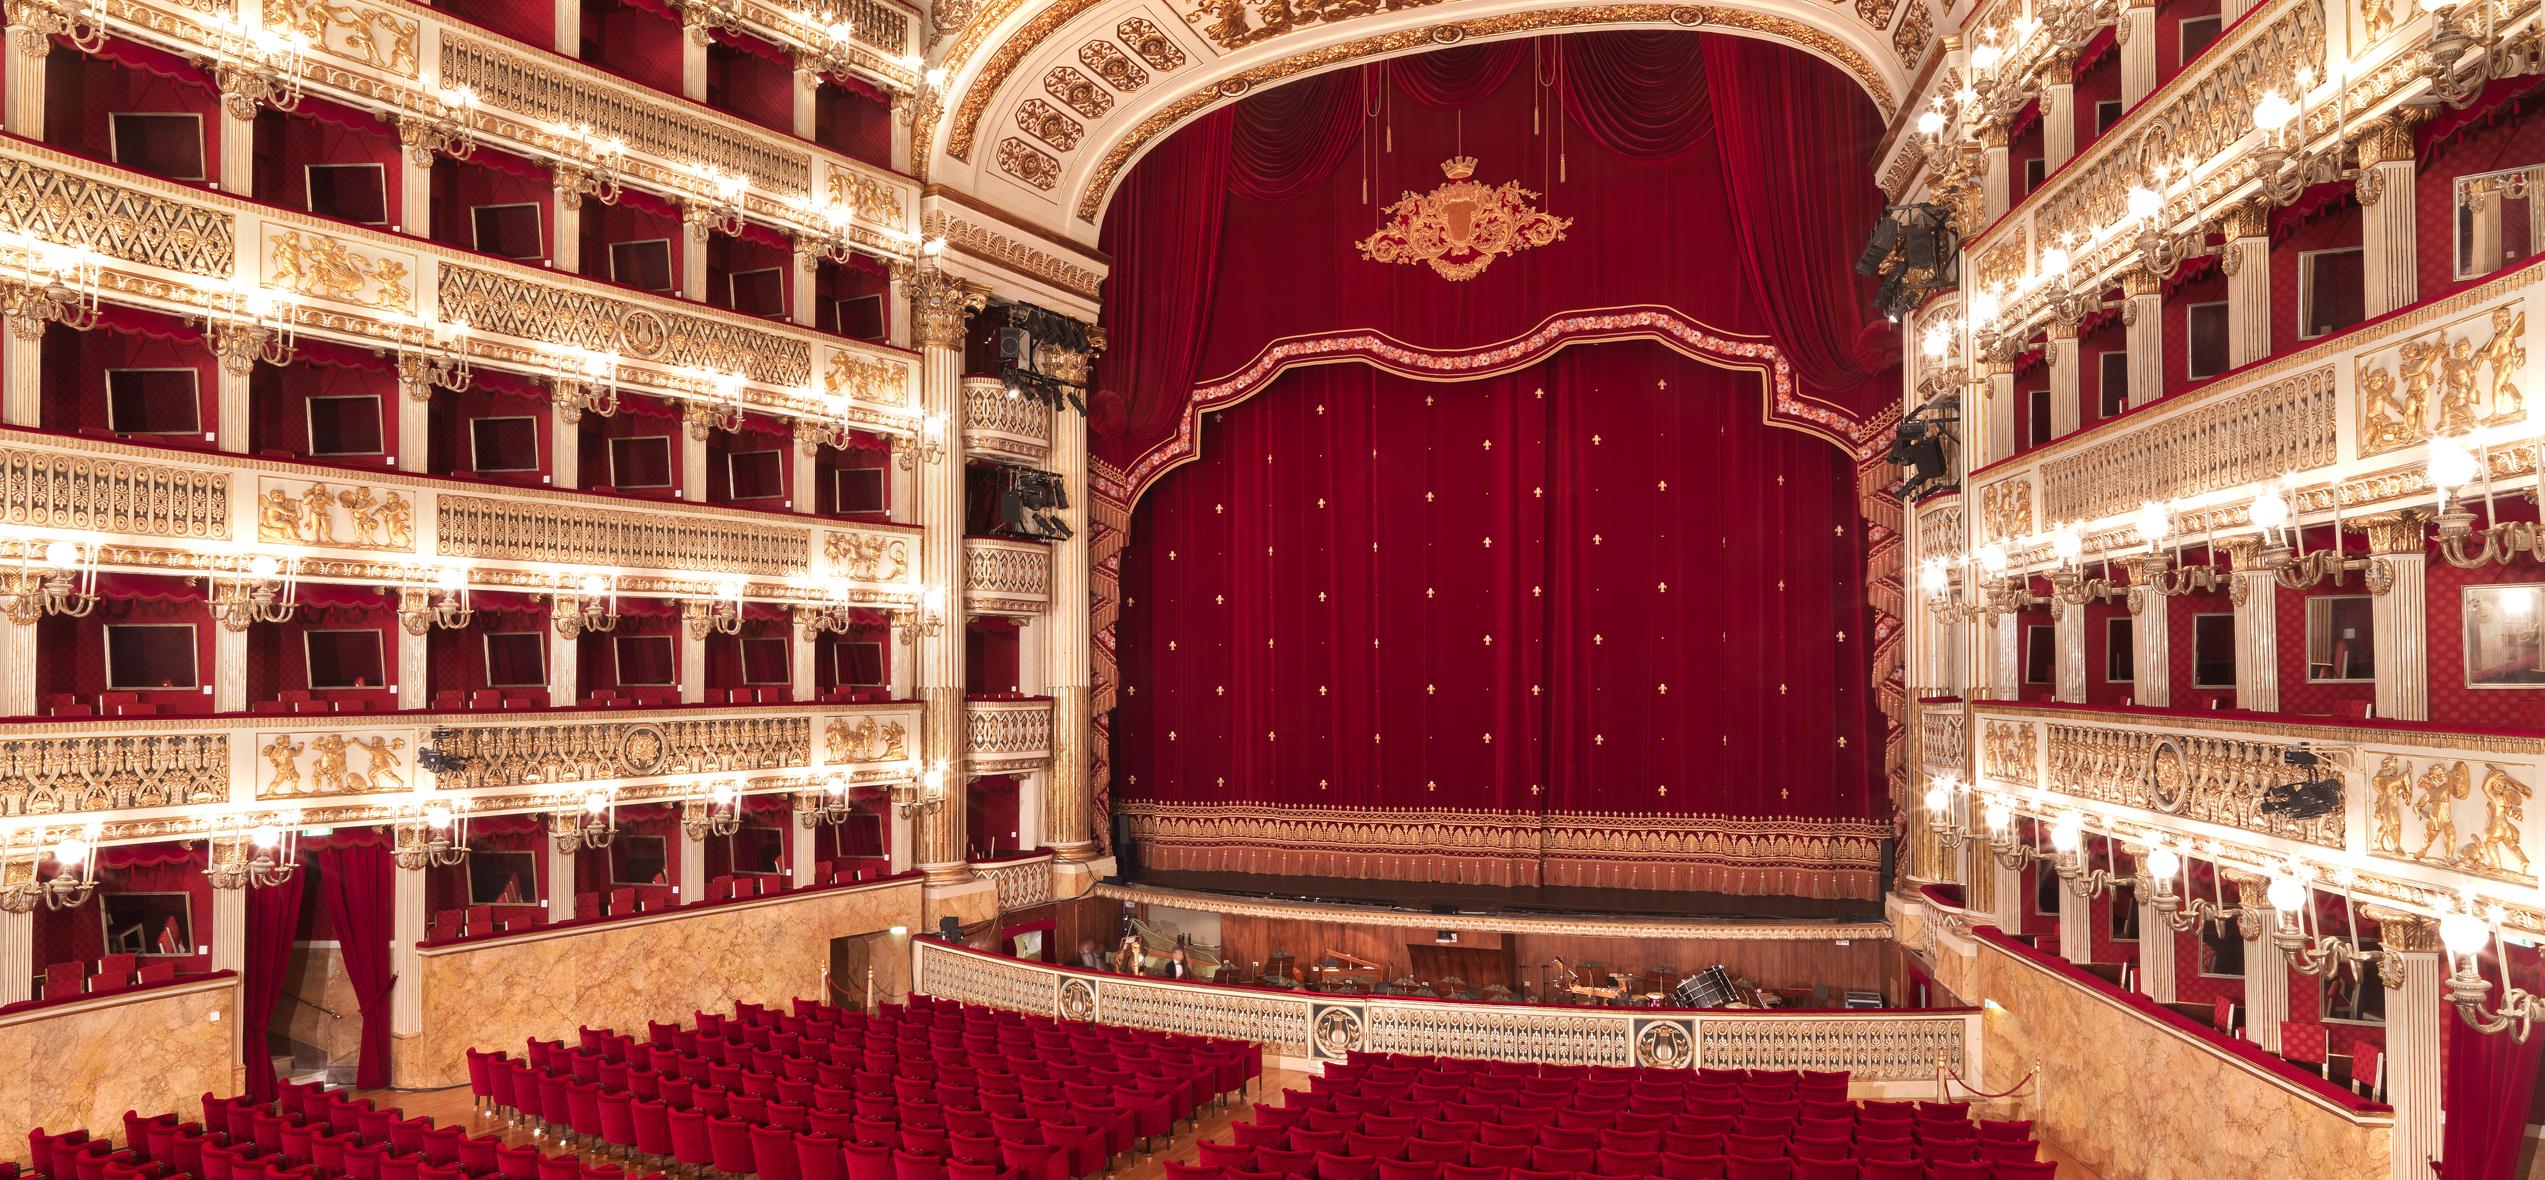 Giornata del Teatro 2016, il 22 ottobre a Napoli